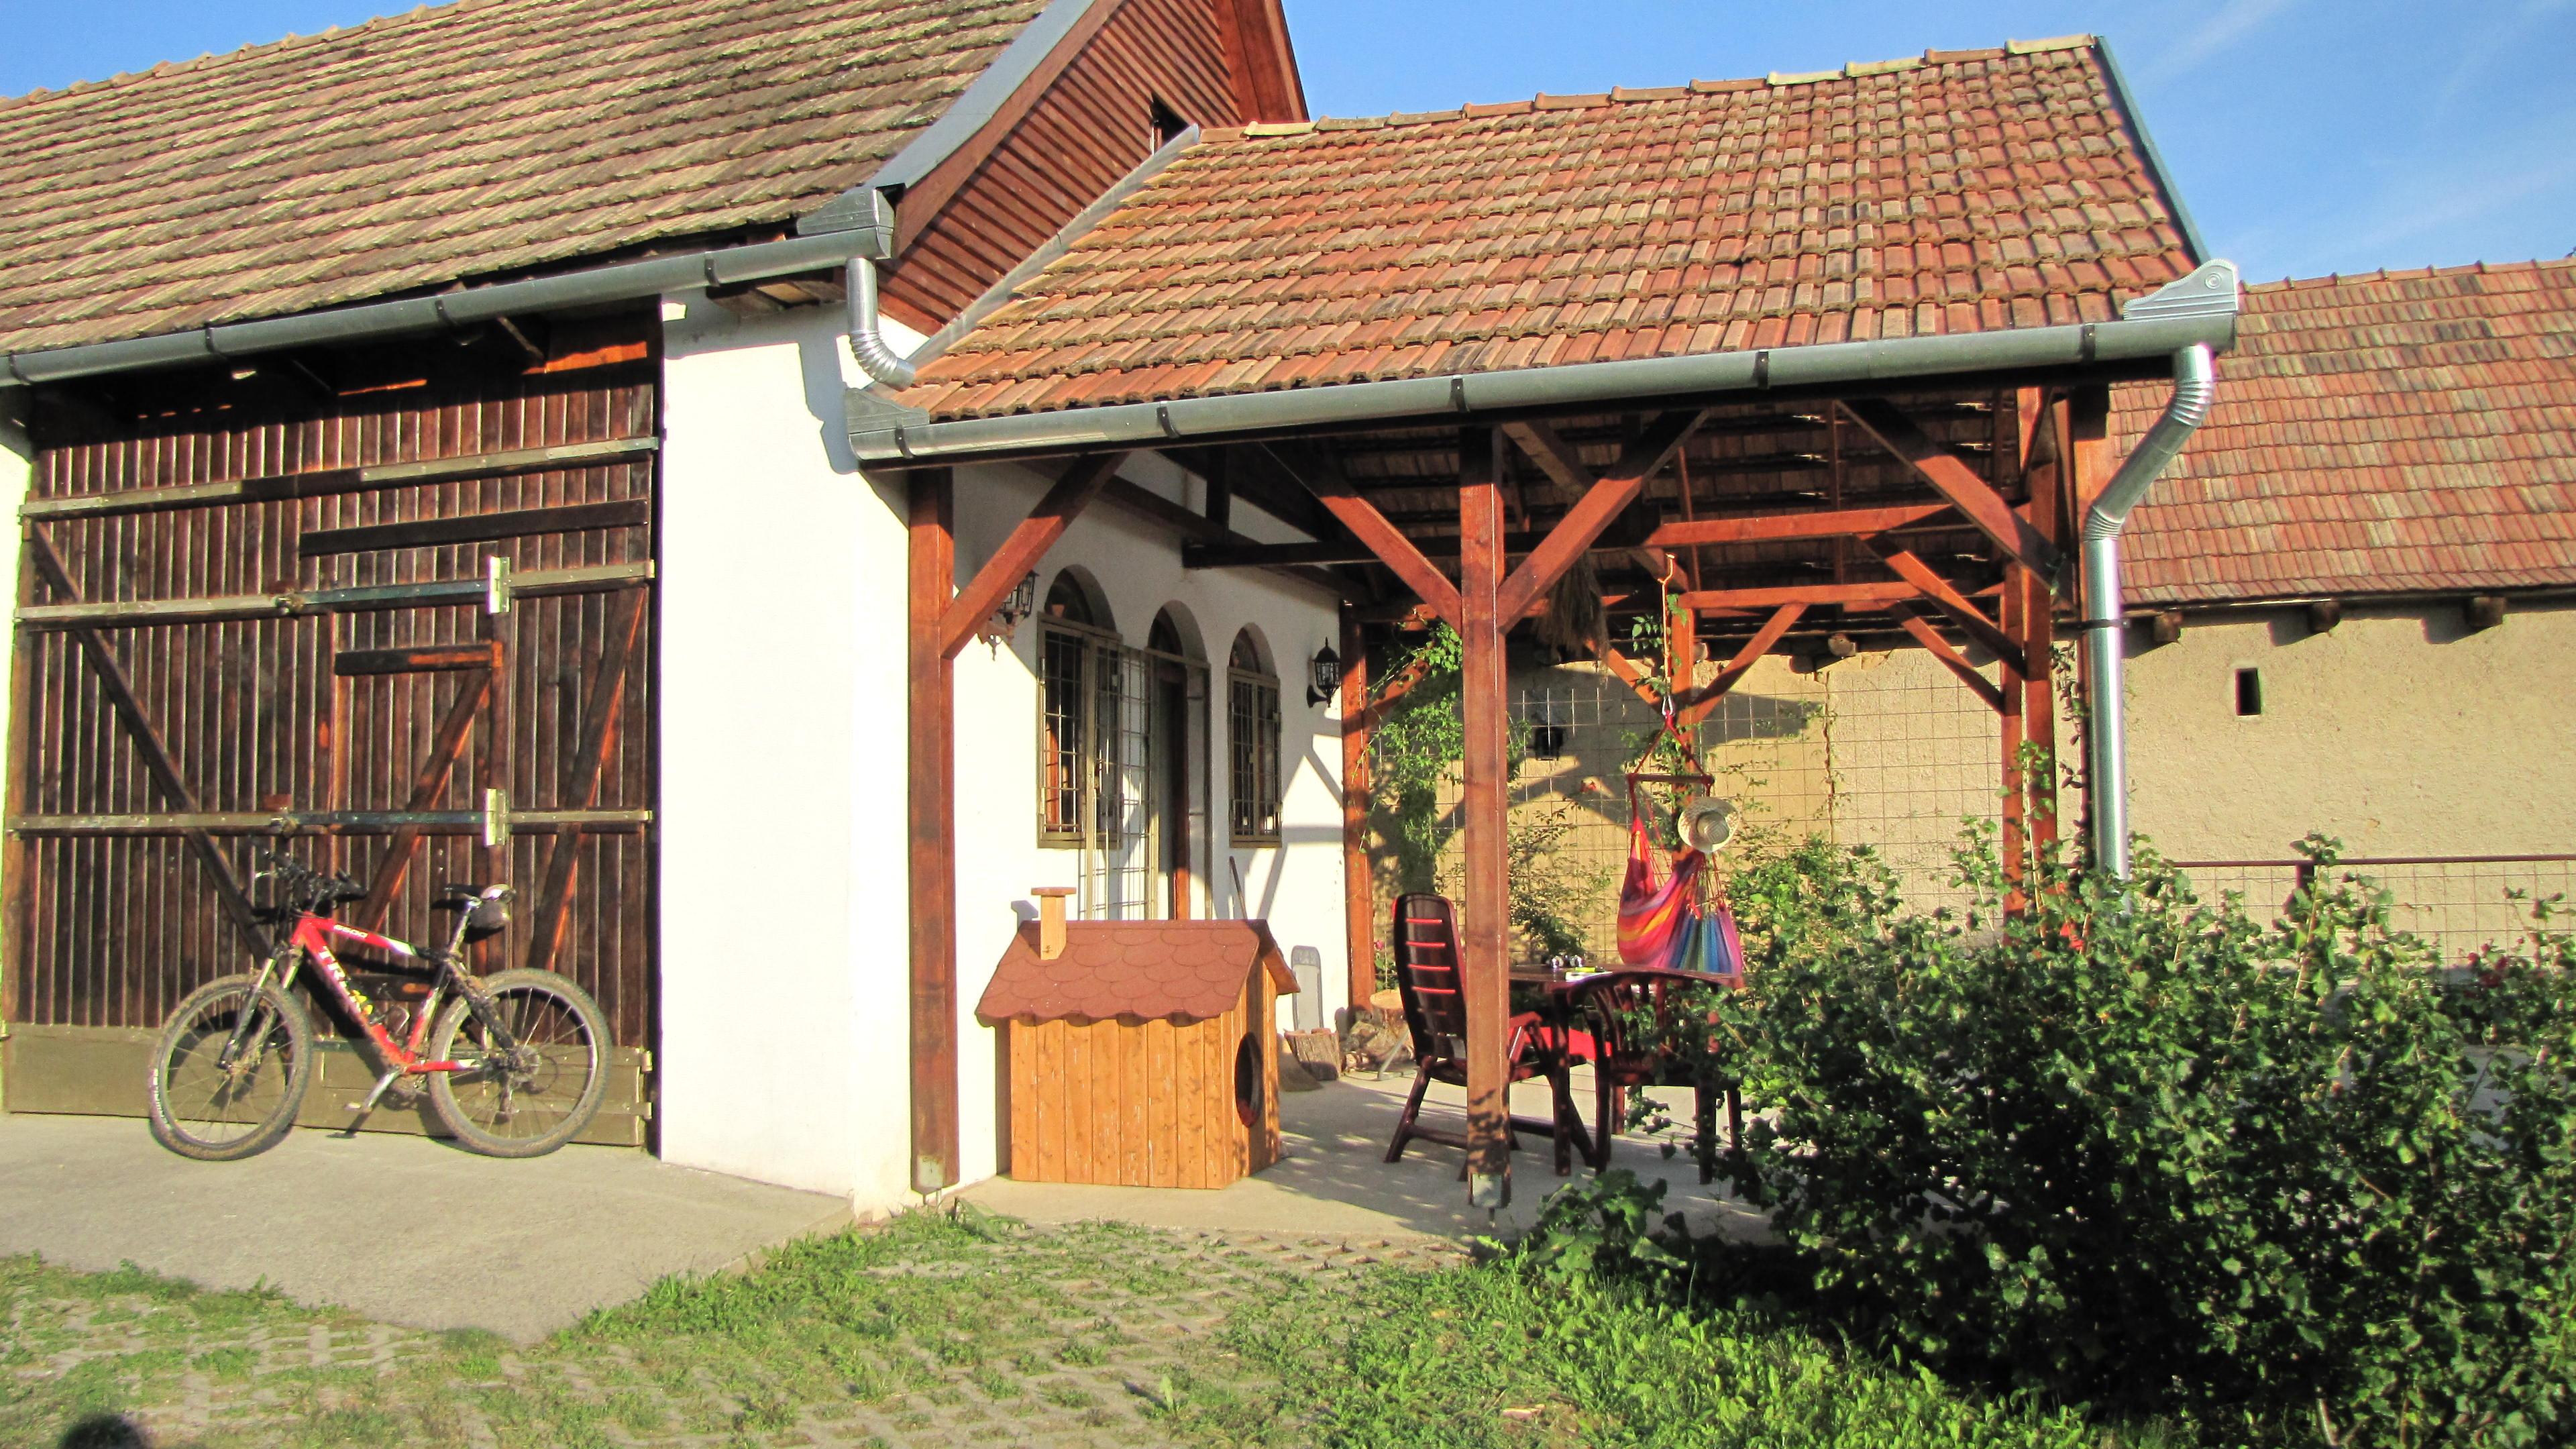 Gebouw (verbouwde en gerestaureerde boerenschuur) met keuken, sanitair en kamer